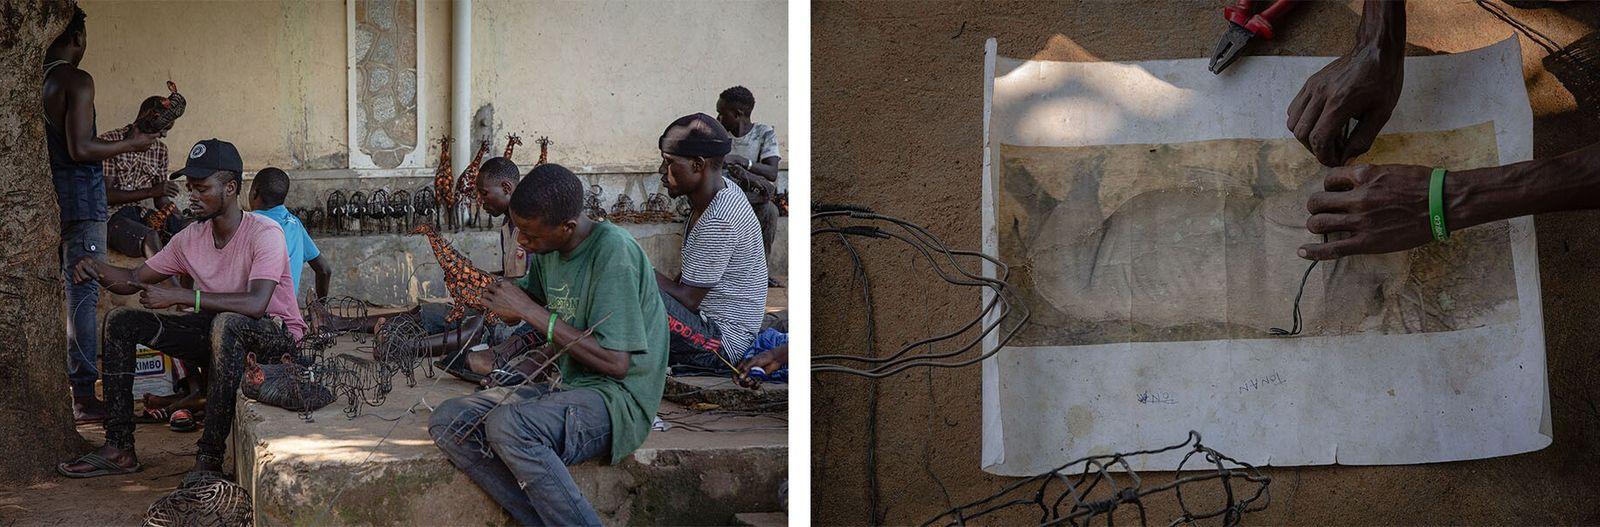 Esquerda: Artesãos da Snares to Wares concentrados no artesanato. Todos os artesãos vivem nas comunidades em ...